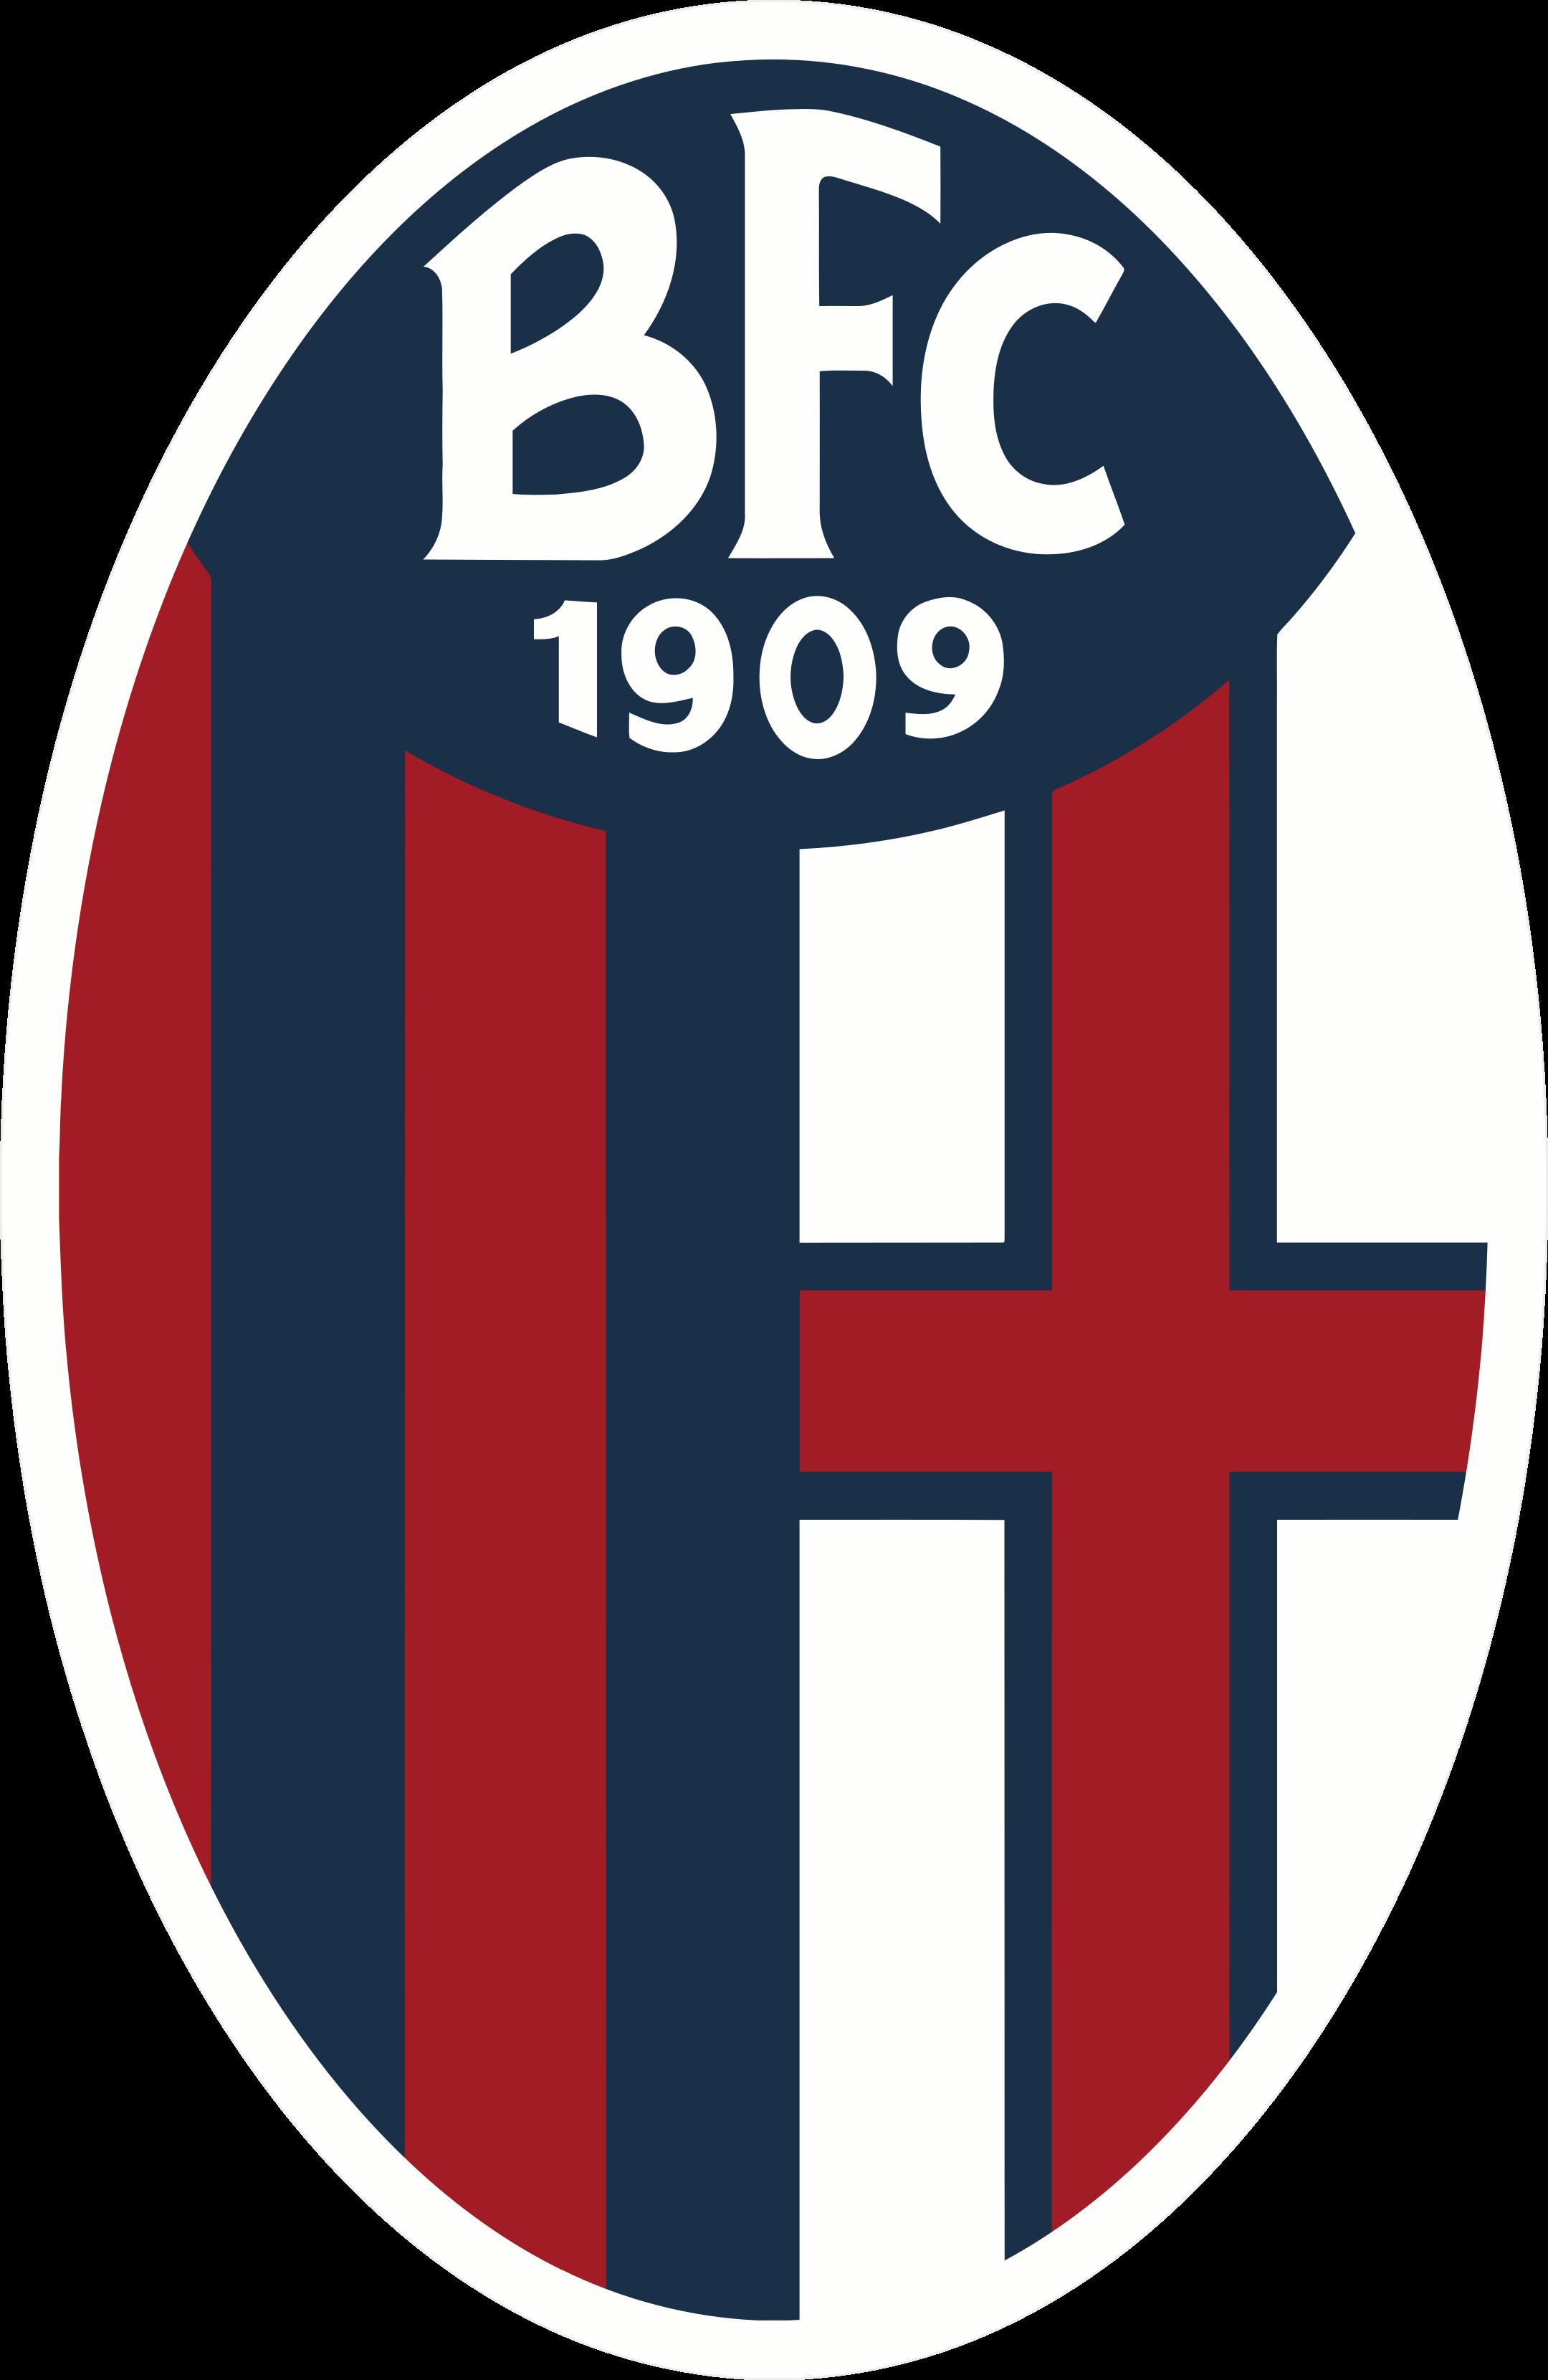 bologna fc logo 1 - Bologna FC Logo